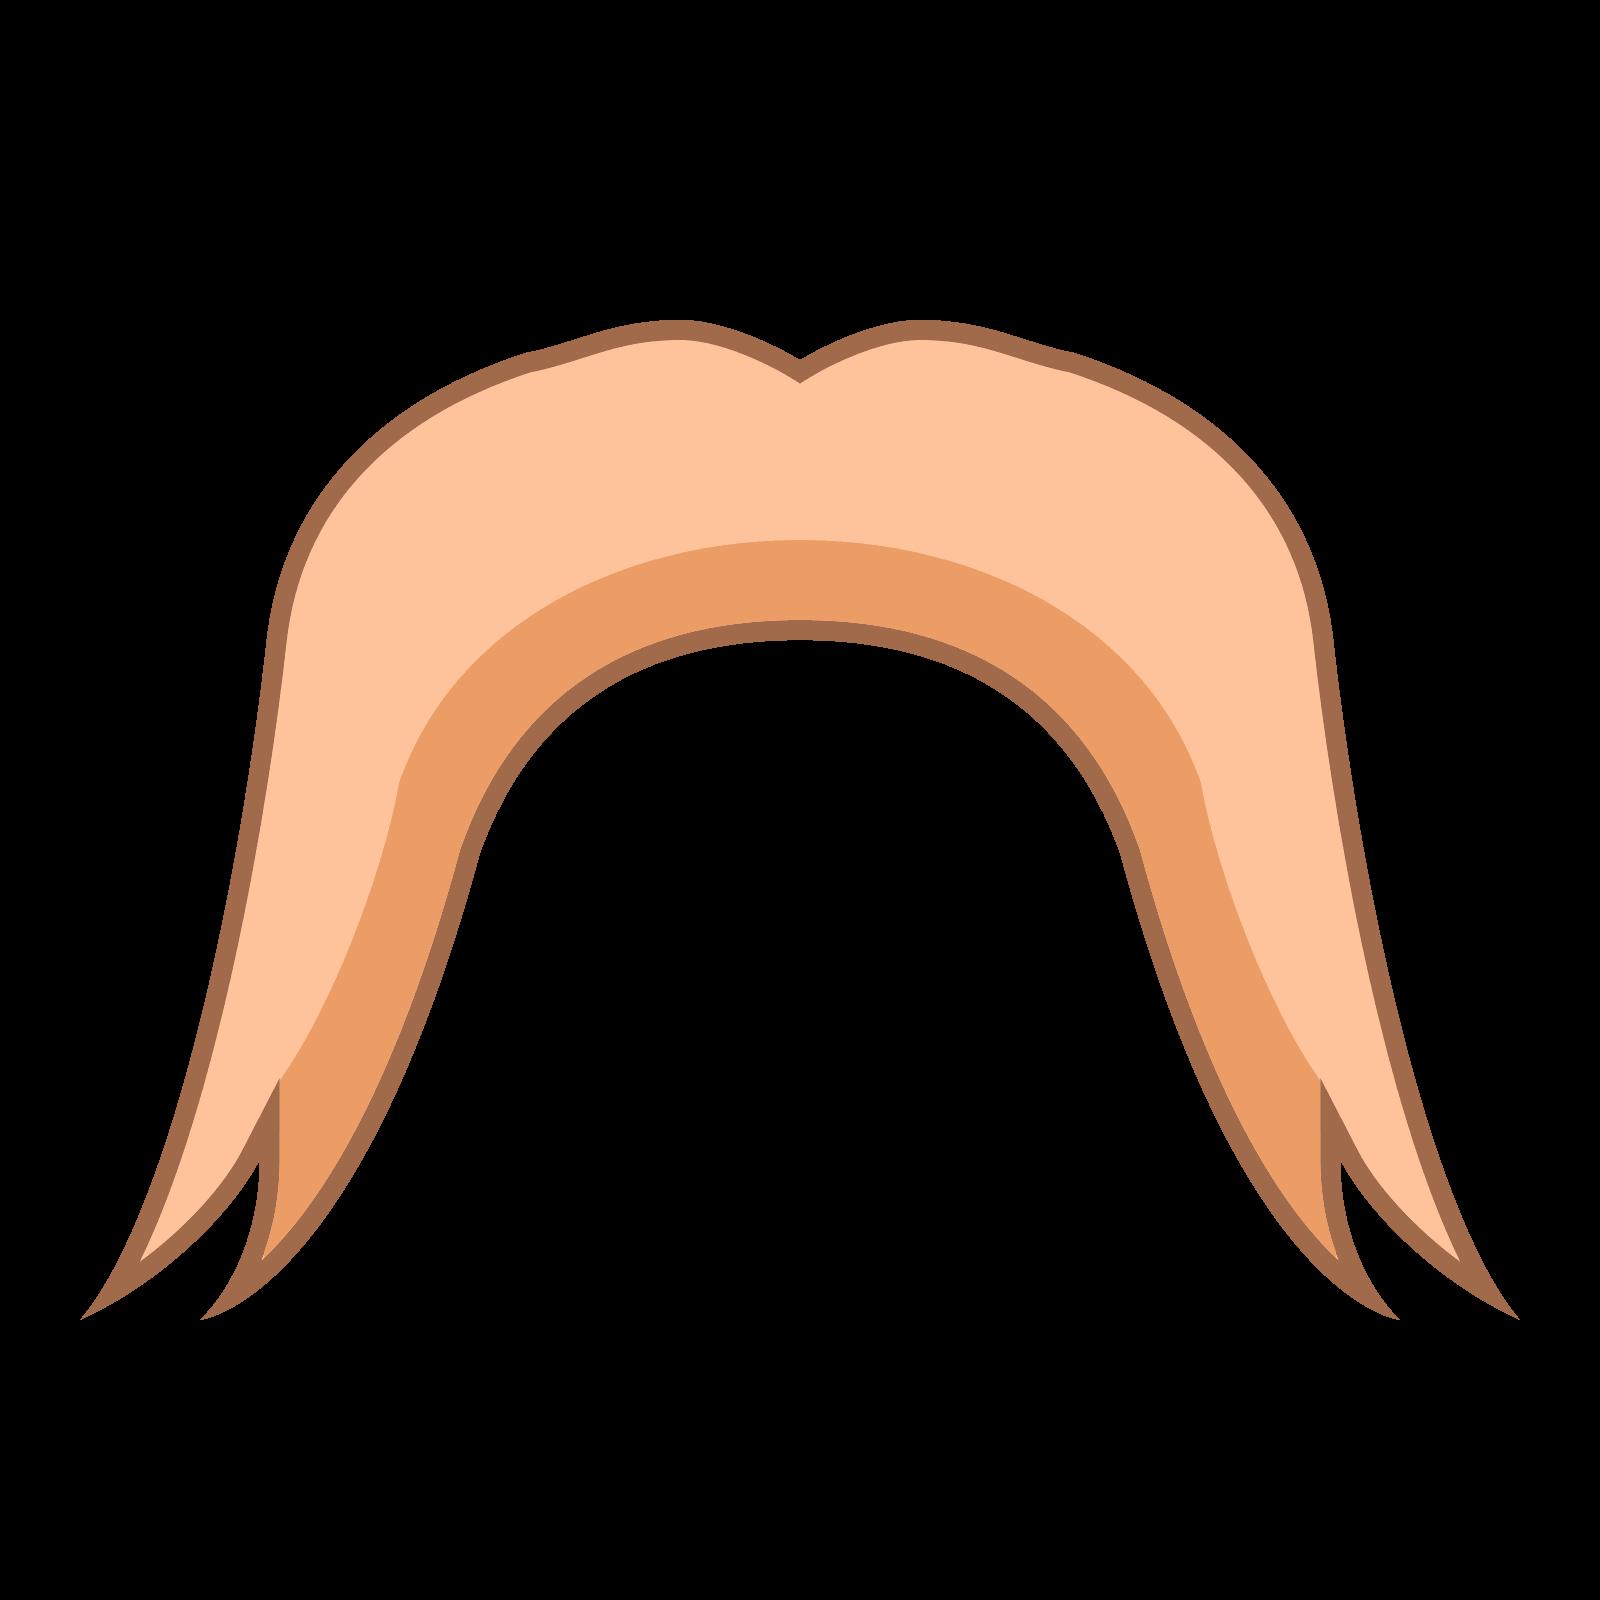 Einstein clipart mustache. Lars the viking icon